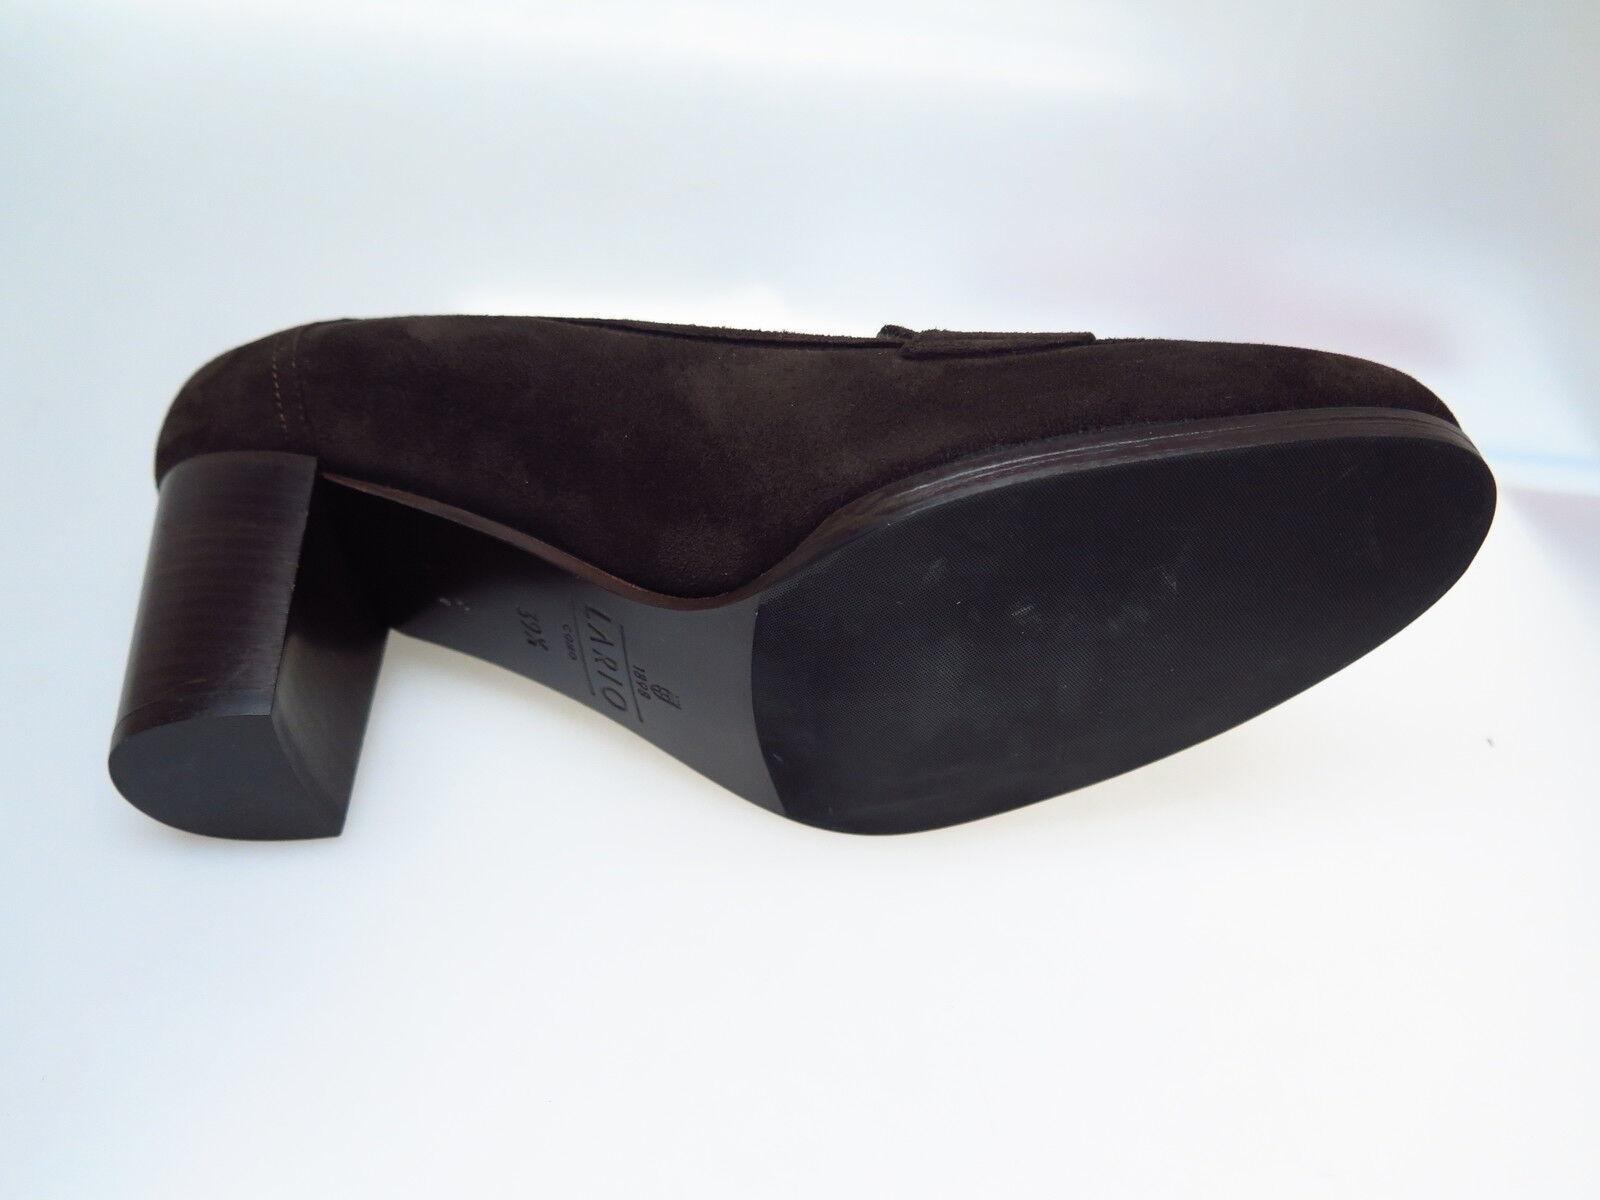 LARIO COMO Fell 1898 Designer Damenschuhe LA L6351 Camoscio Assuan Fell COMO Gr. 39,5 NEU c08817